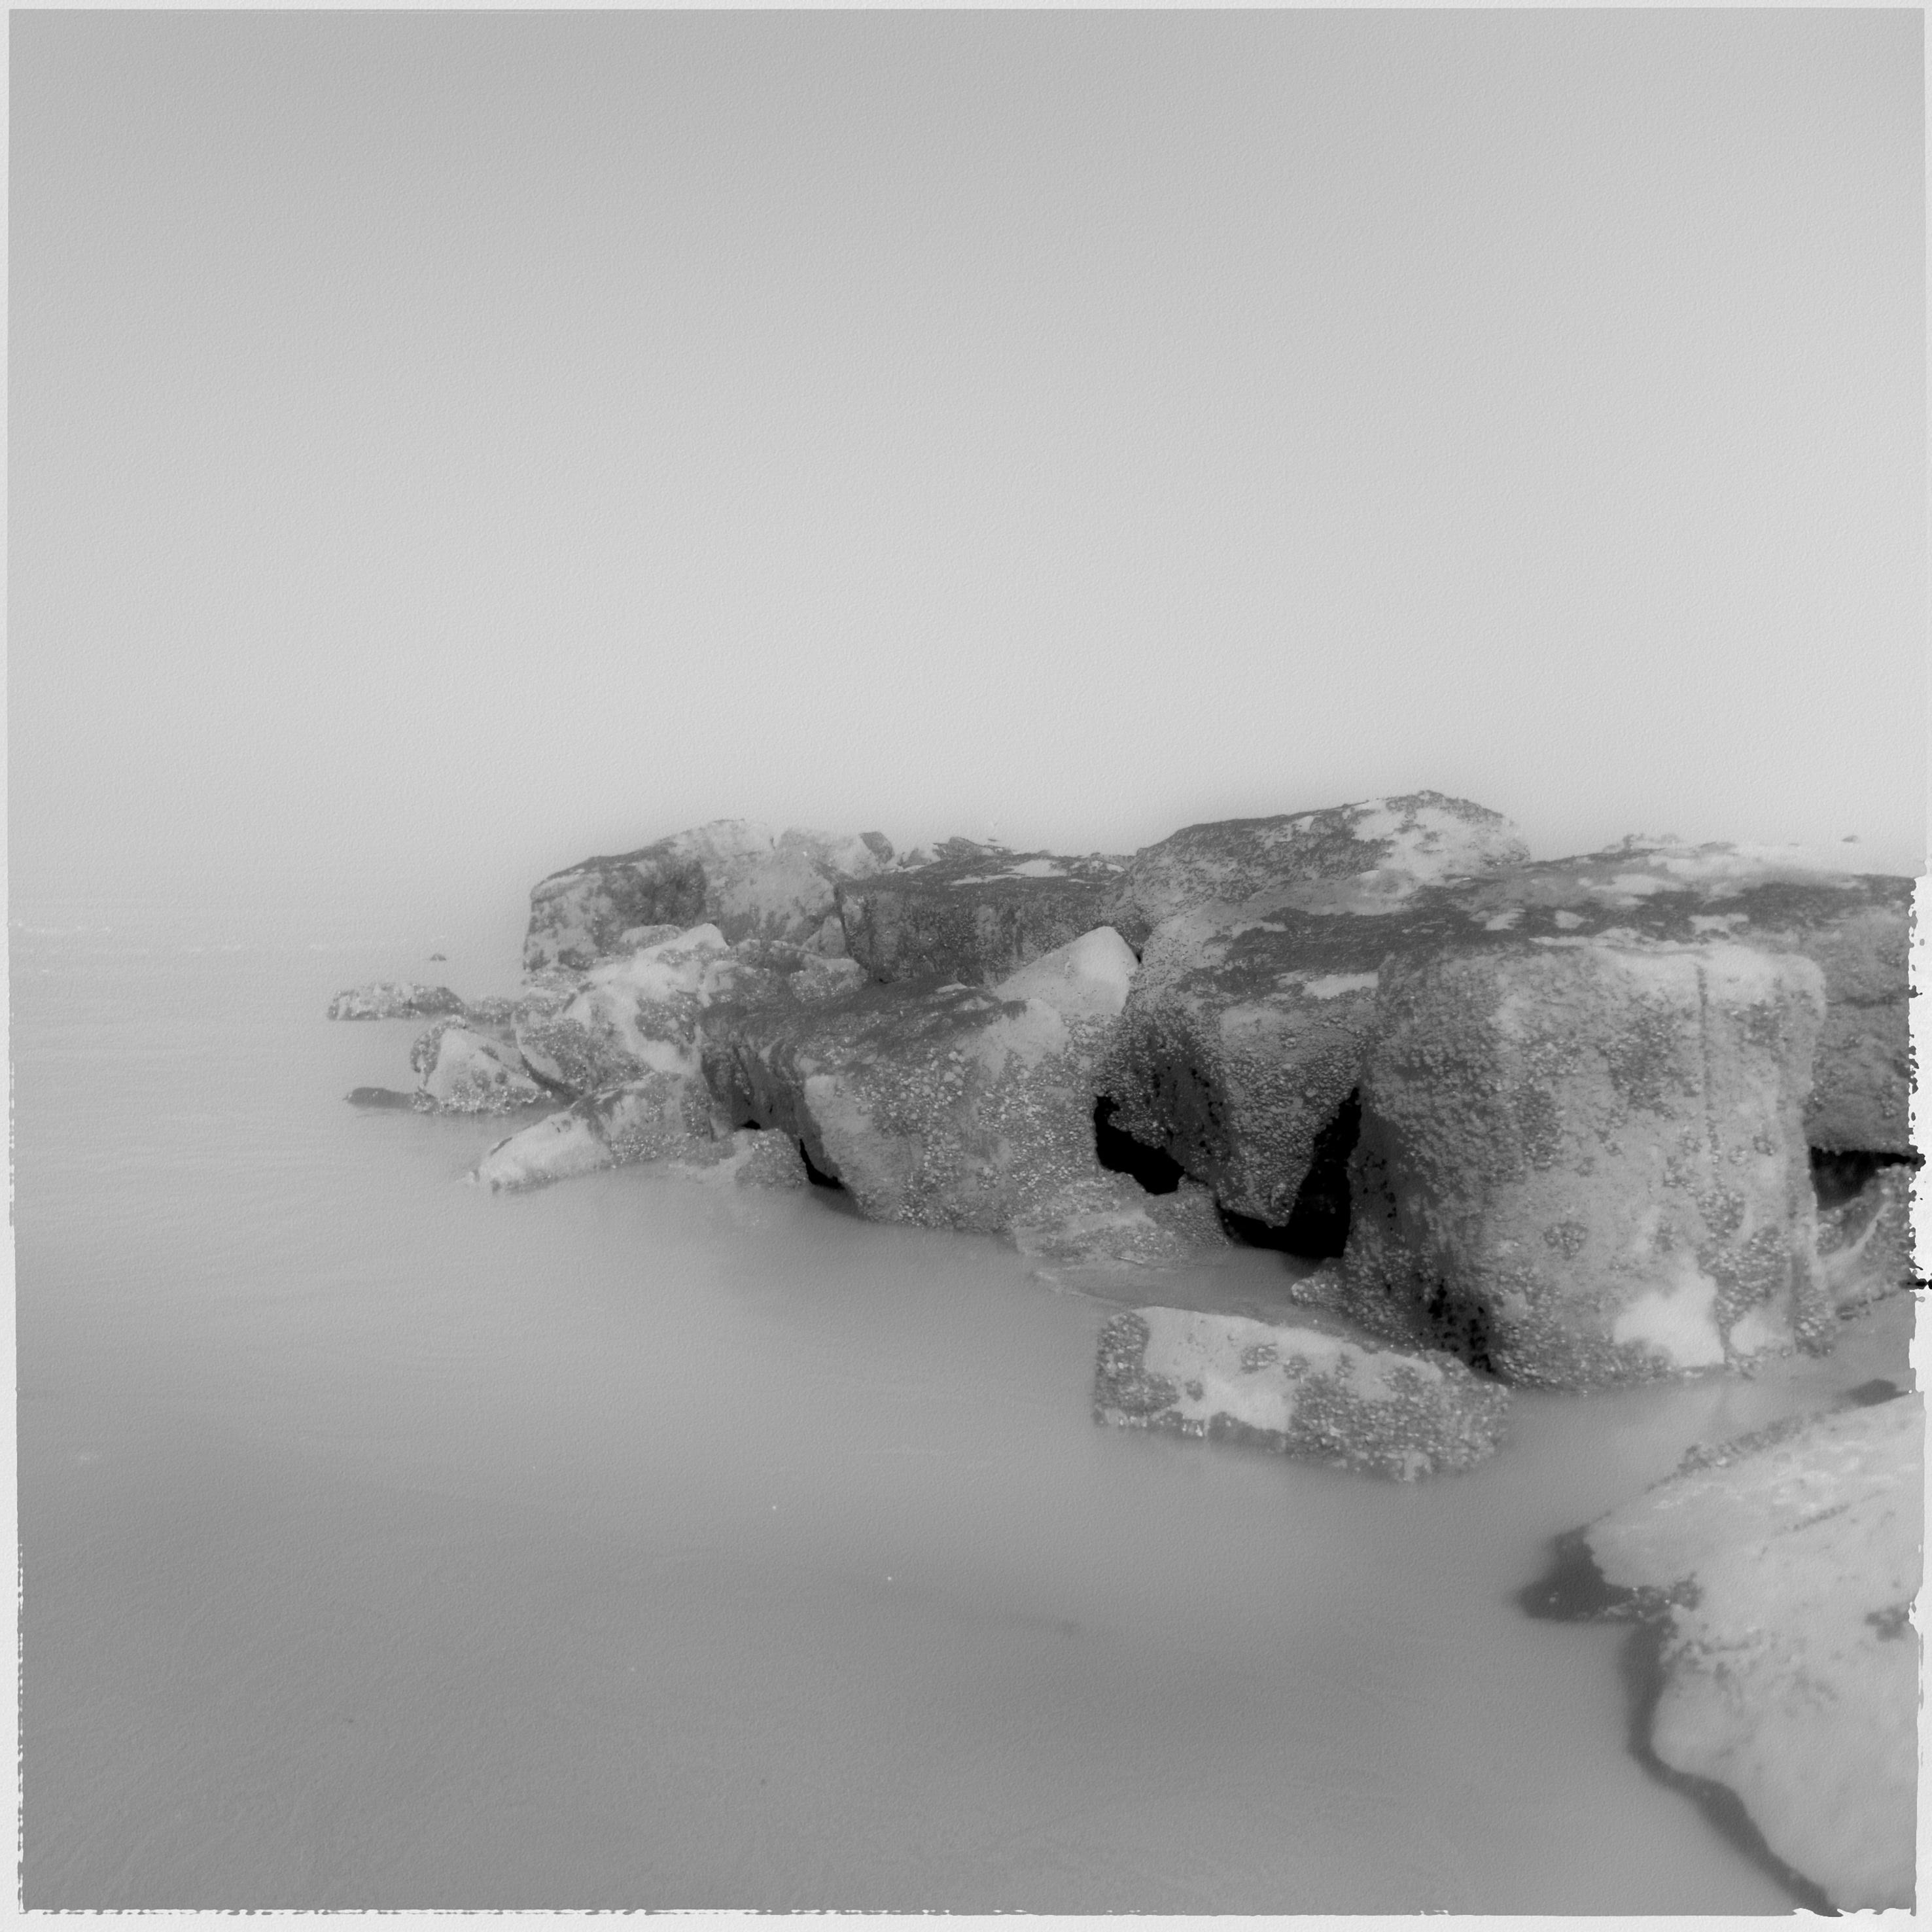 Kostenlose foto : Schnee, Winter, Schwarz und weiß, Weiß, Fotografie ...